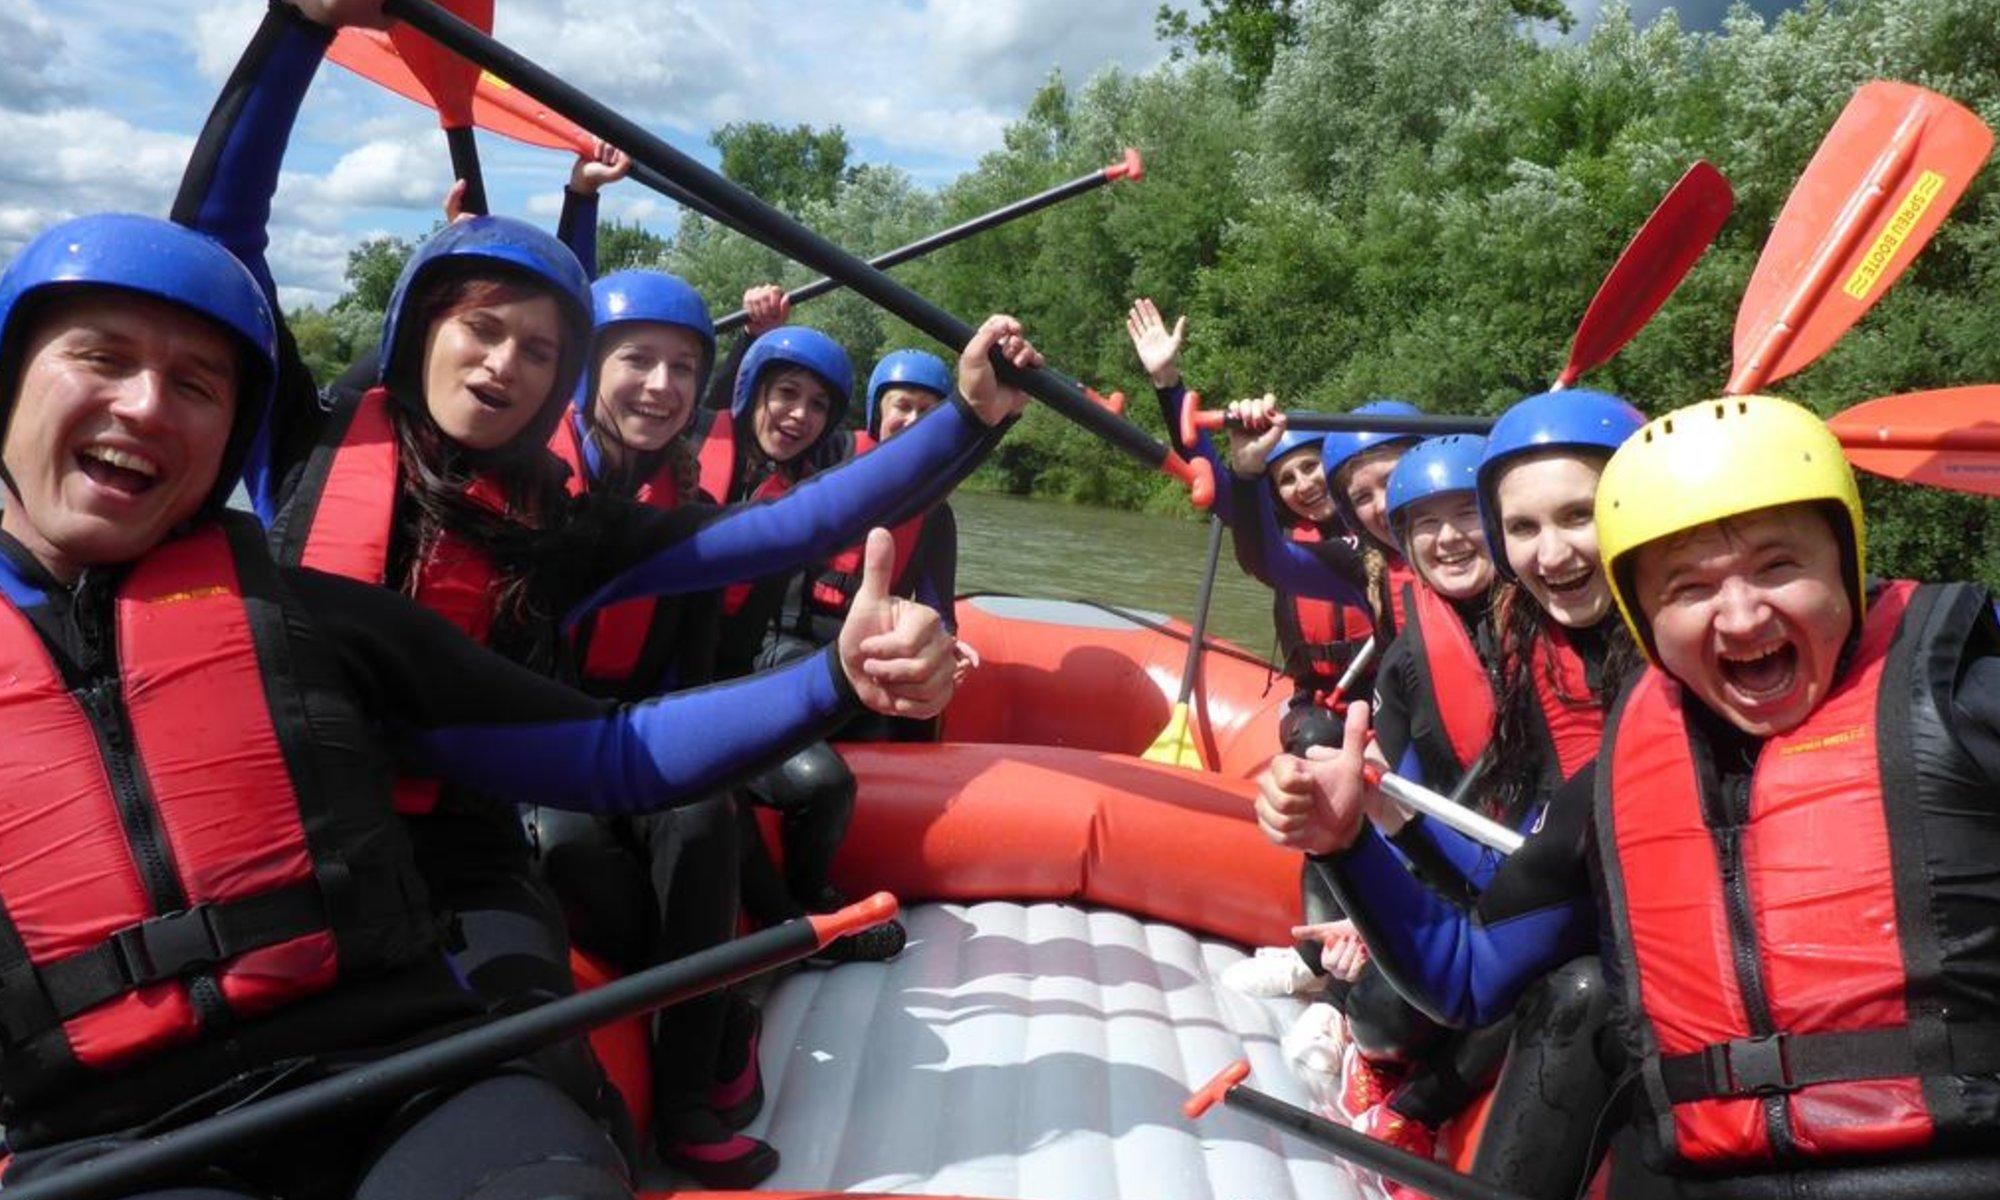 Eine Gruppe hat Spaß beim Rafting im Allgäu auf der Iller.